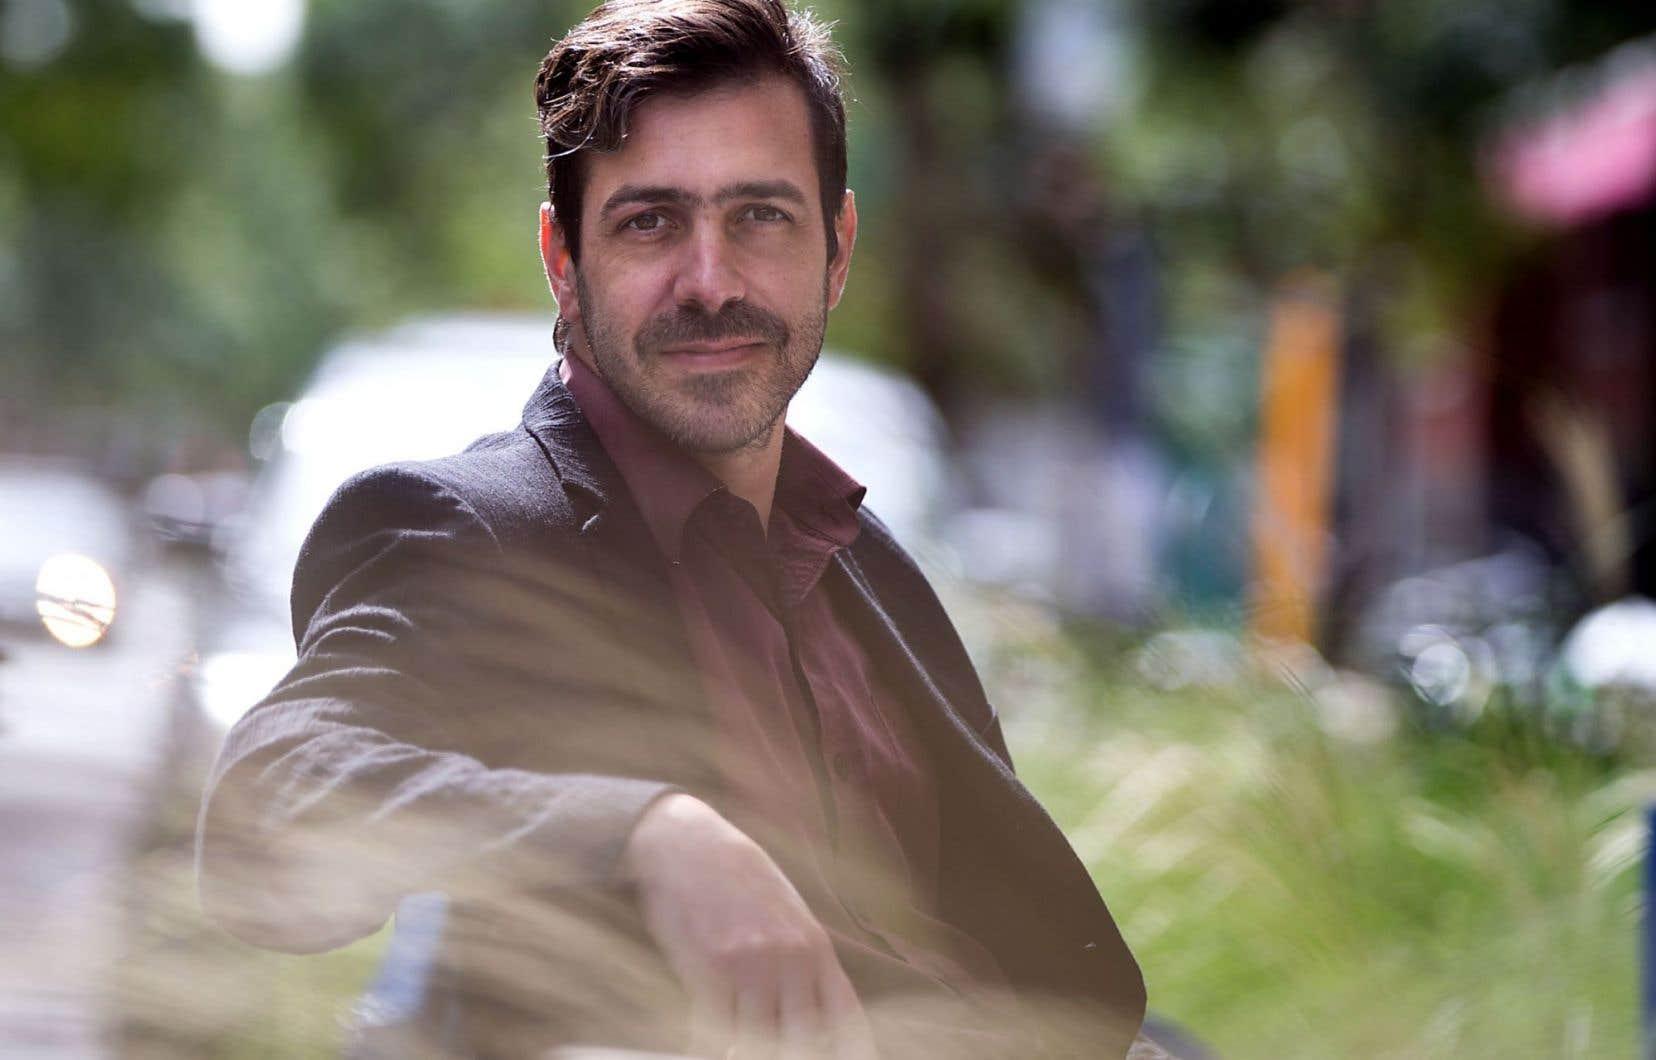 Fernando López-Escrivá a réalisé un documentaire sur l'avortement au Chili. Son film sera présenté simultanément mercredi au Québec, au Chili, en Colombie, en Équateur, au Pérou, en Bolivie, au Mexique et aux Pays-Bas.